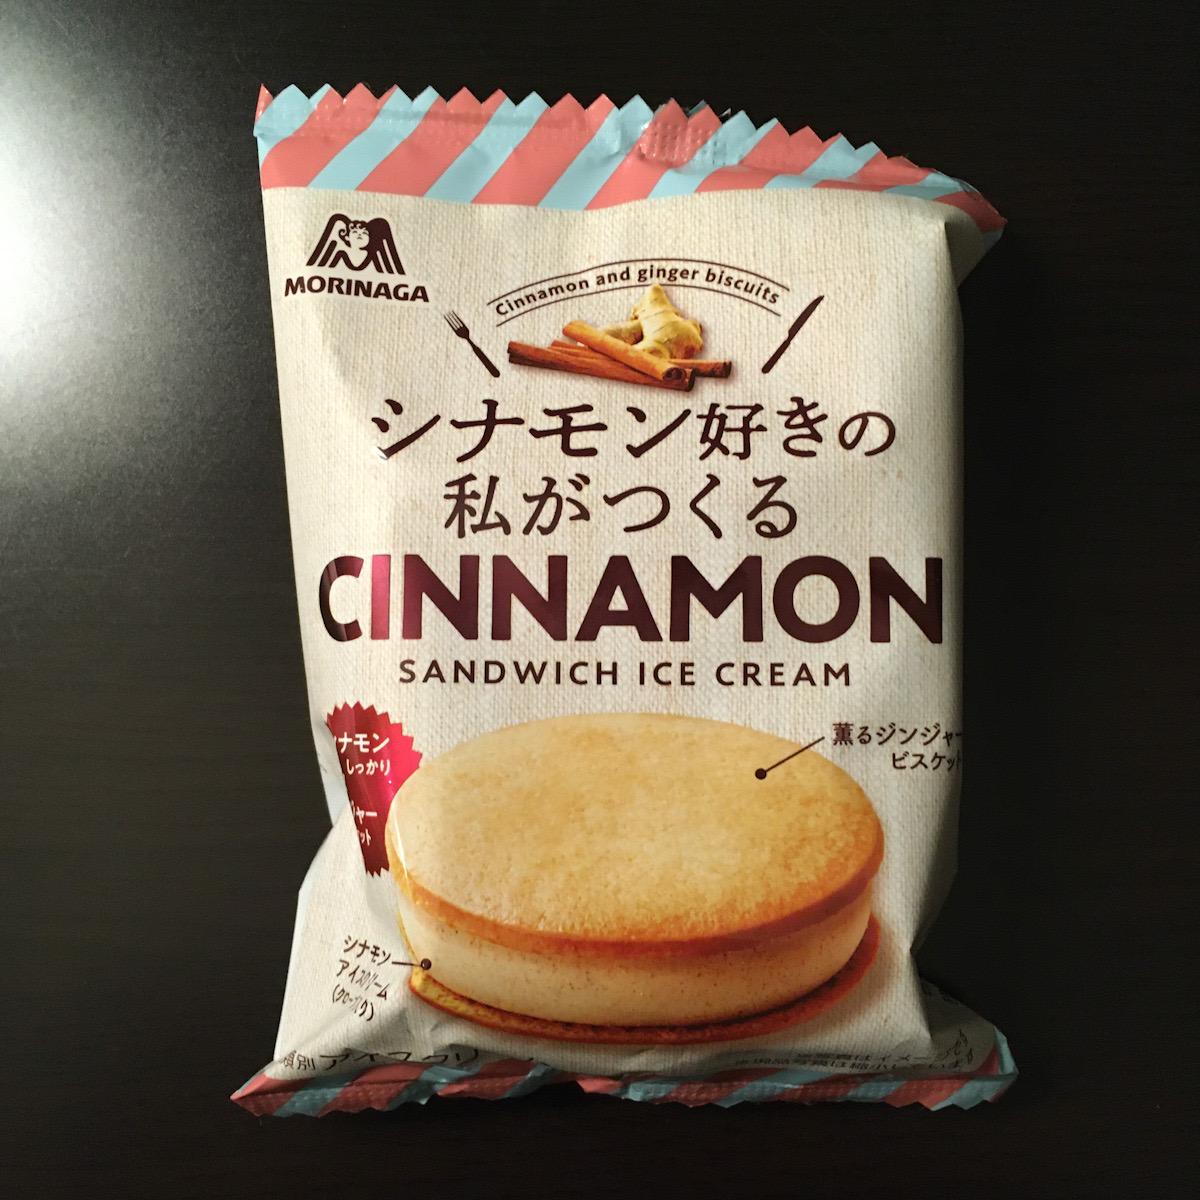 シナモン度高すぎ!のクッキーアイス「シナモン好きの私がつくるシナモン」